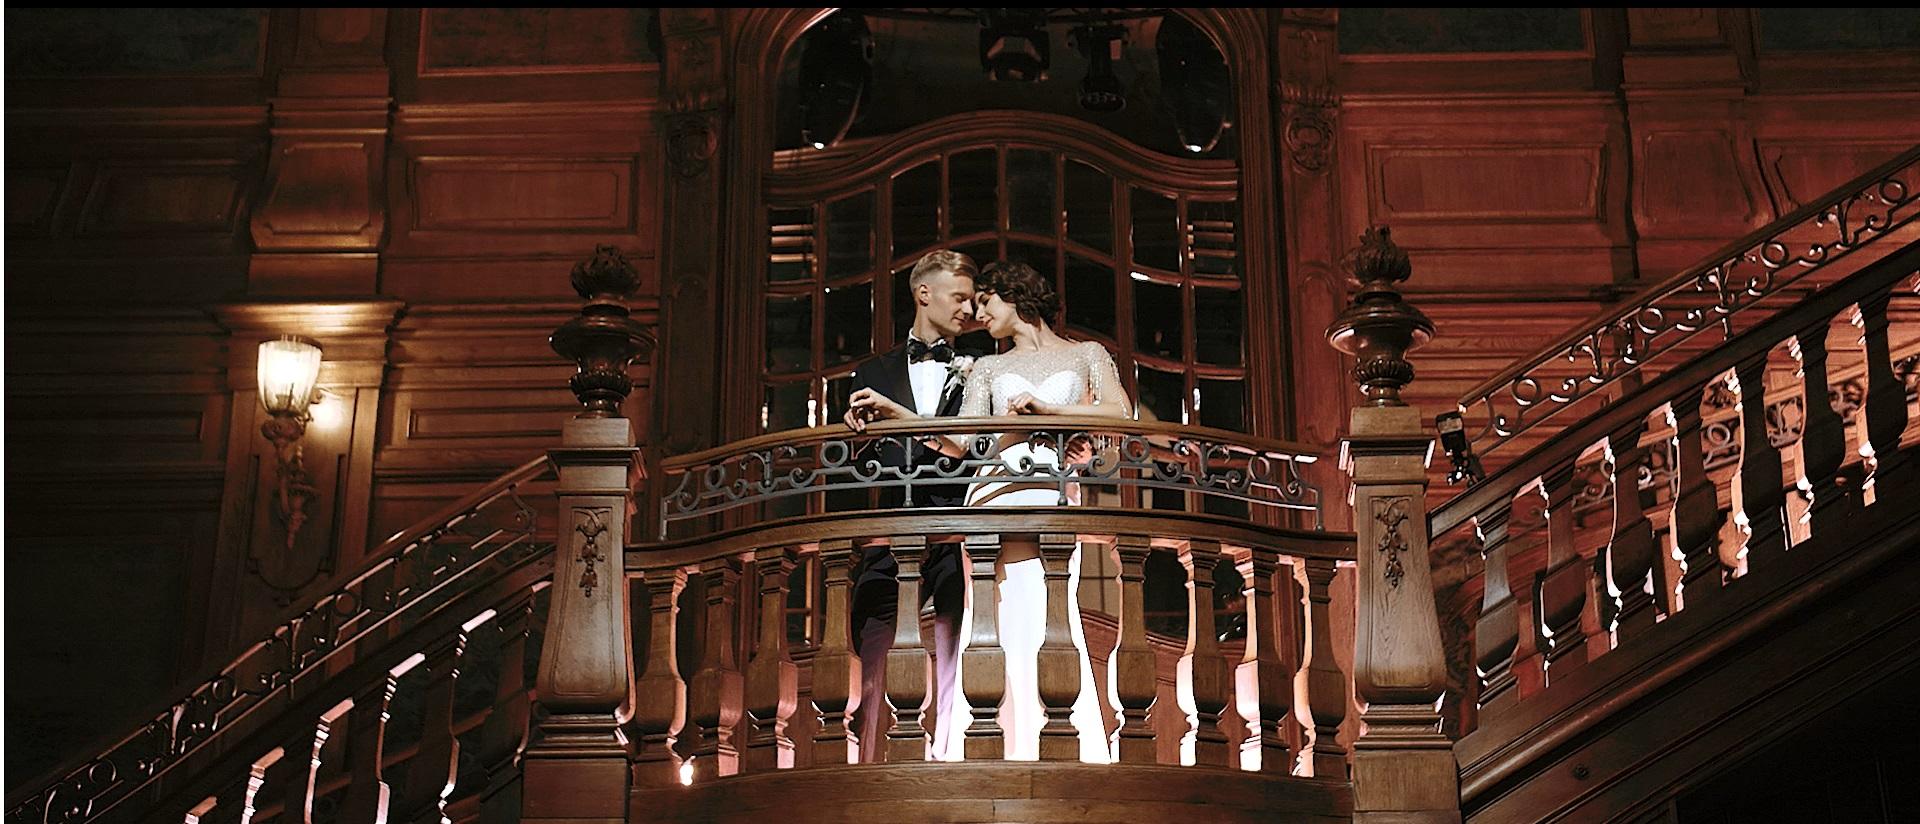 Lovely Film LovelyFILM wedding videographer worldwide best